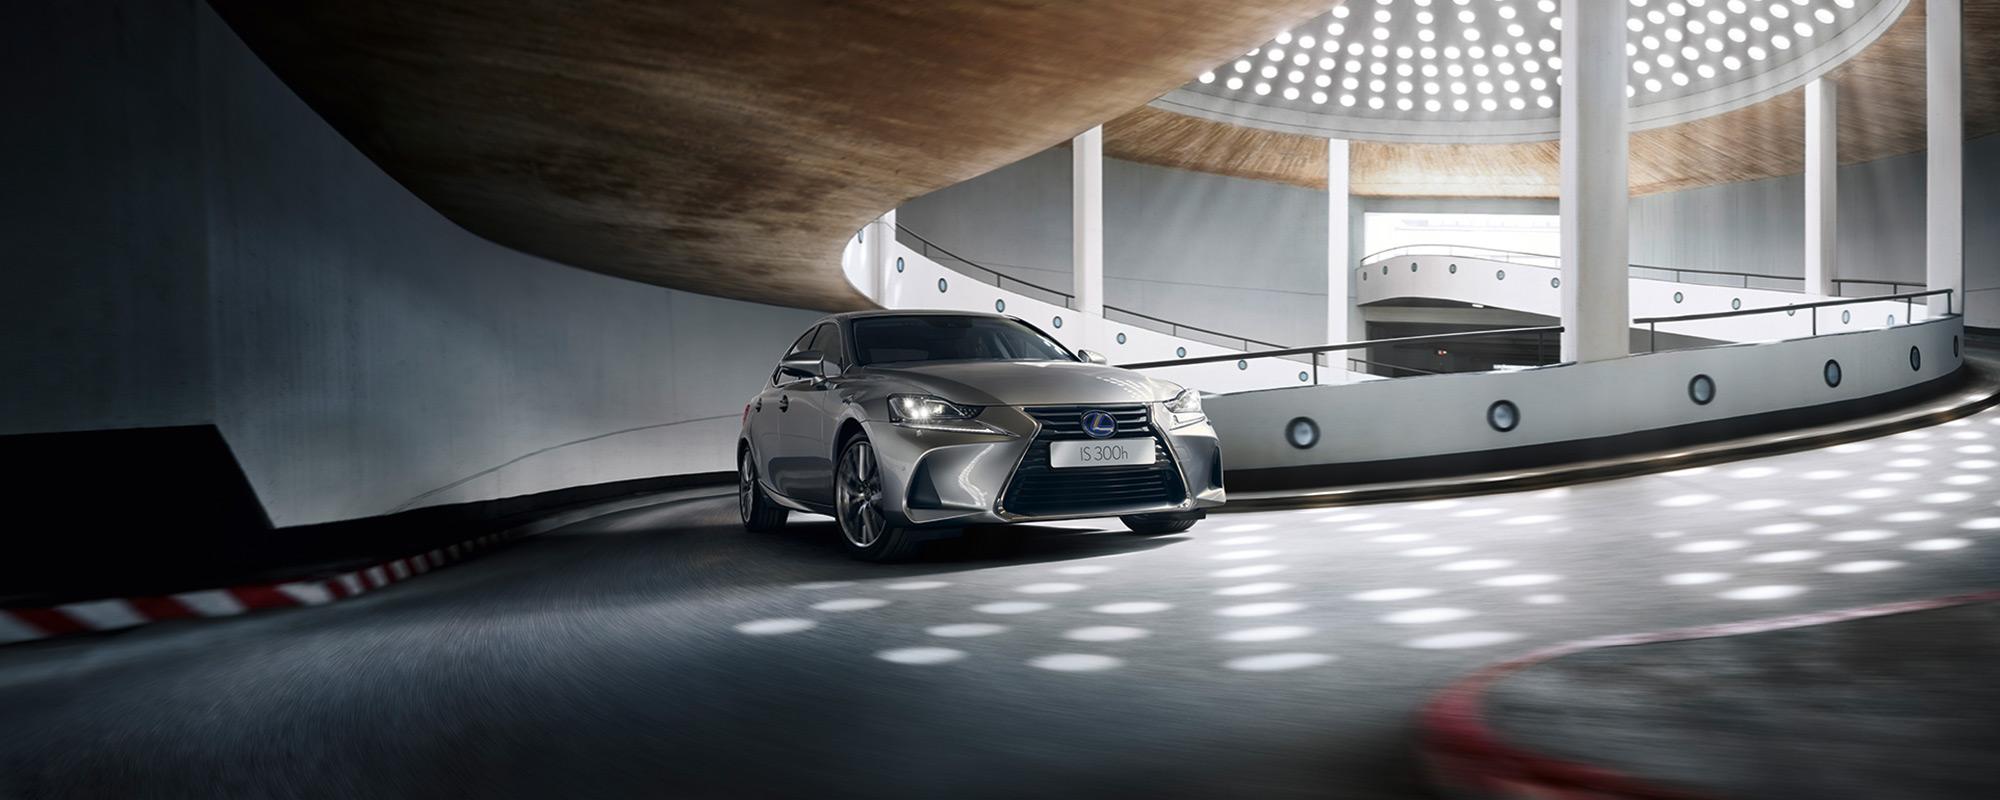 Nieuwe Lexus IS 300[h]: karakteristieke sportsedan vanaf 39.995 euro